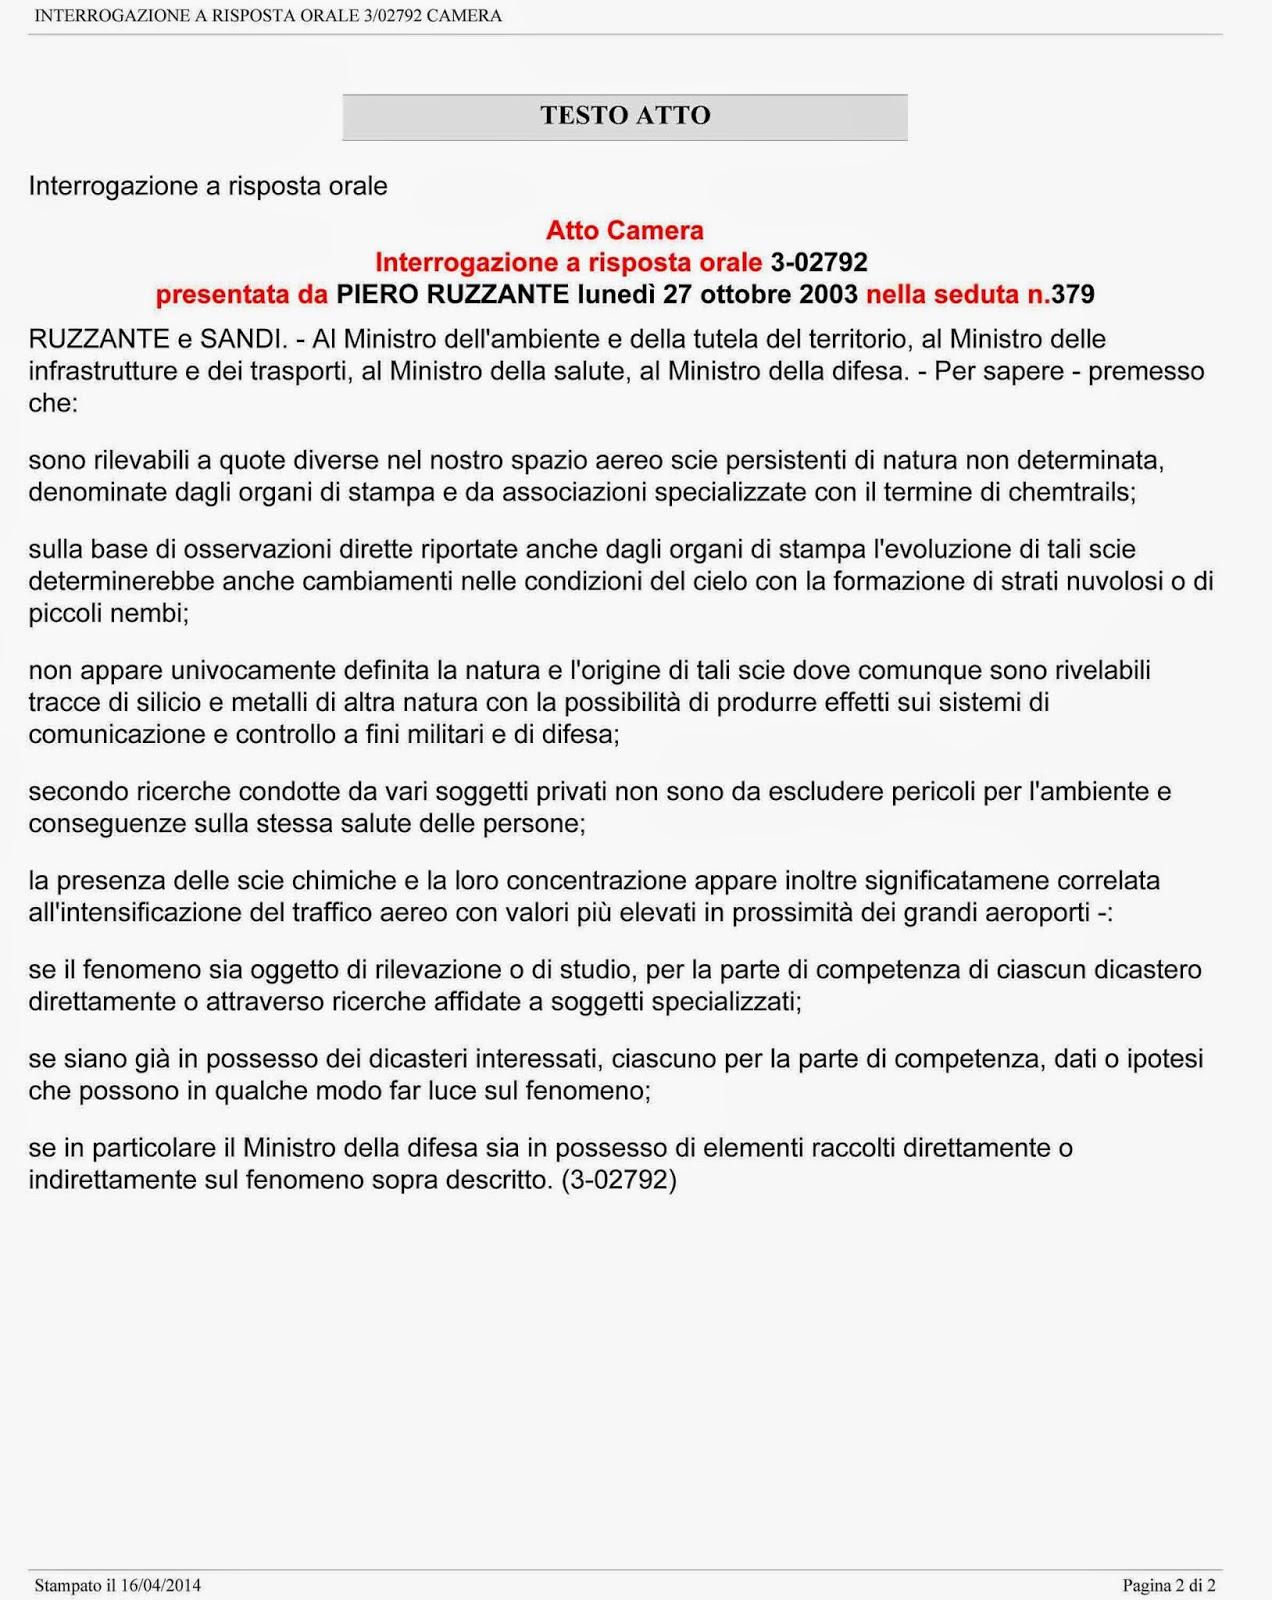 accordi segreti 10 laviadiuscita.net